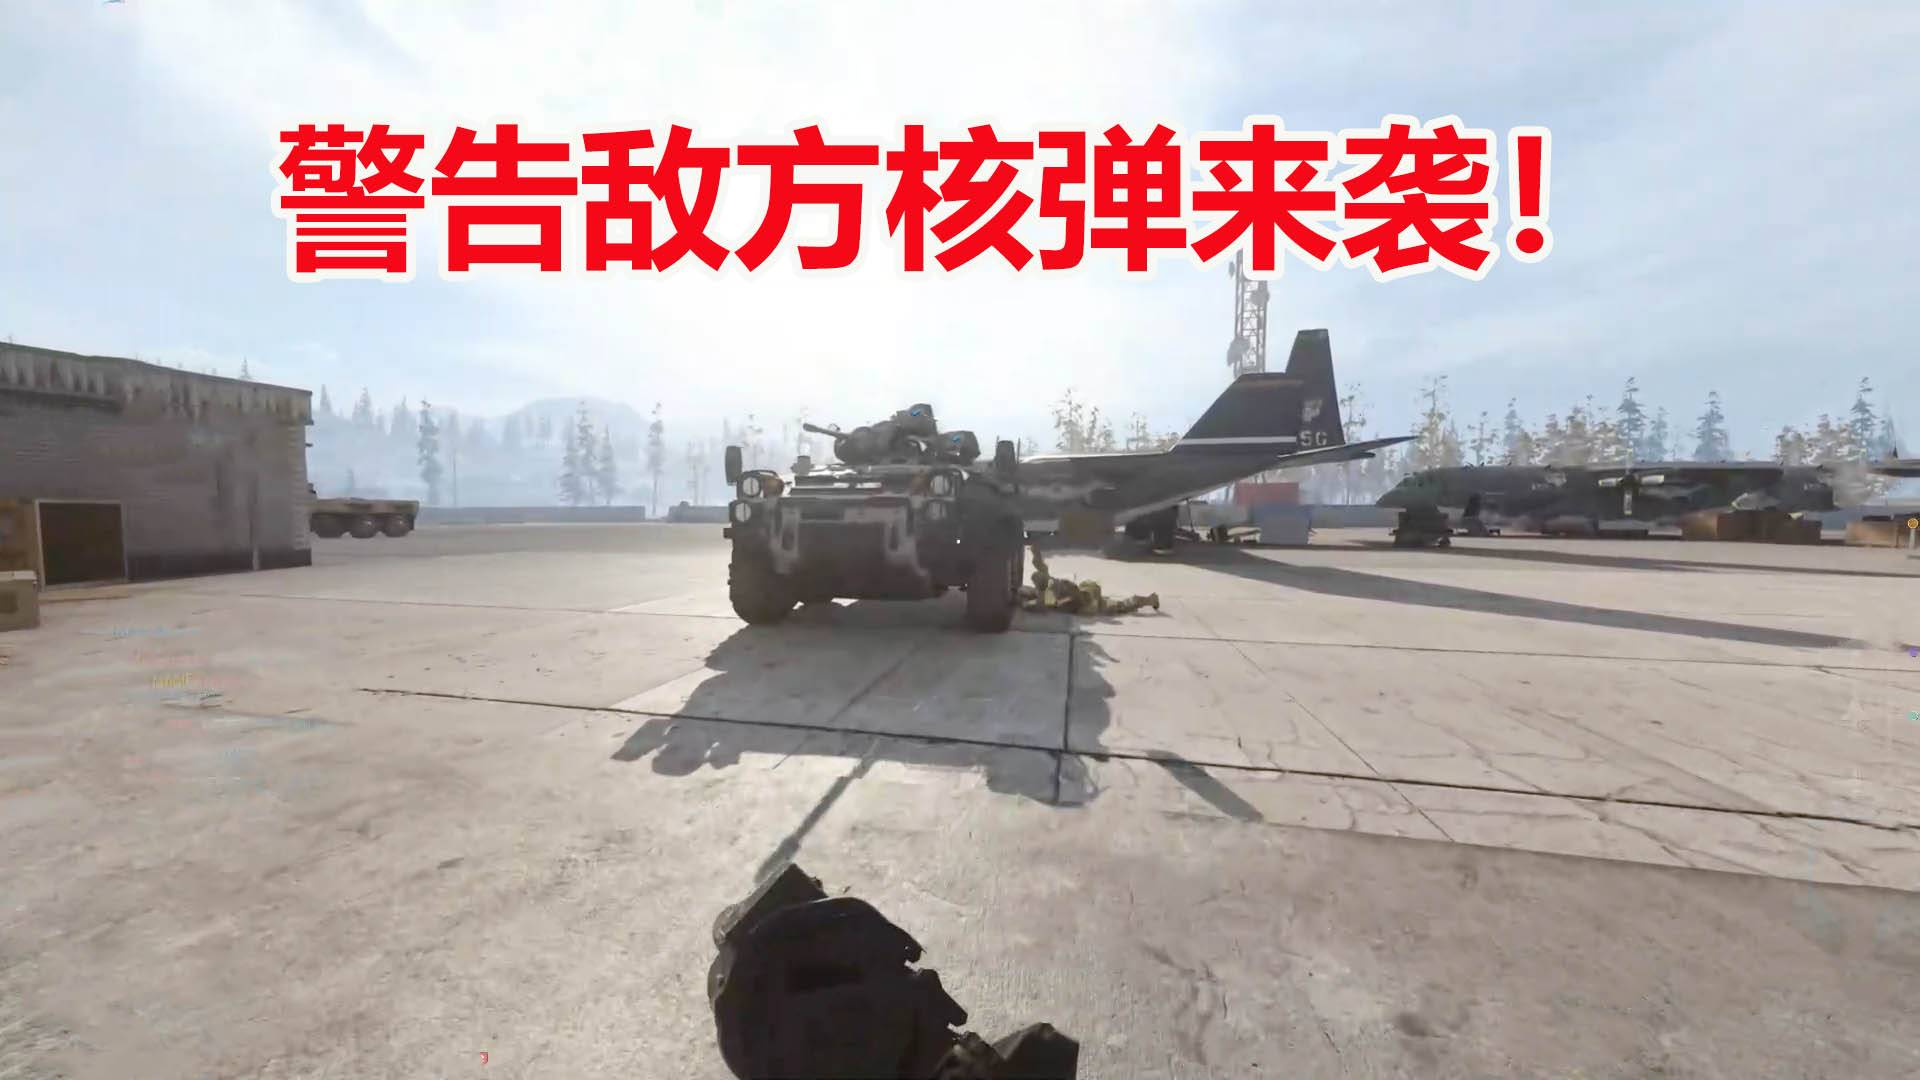 使命召唤16:警告敌方核弹来袭!我方坦克战车已无回天之力